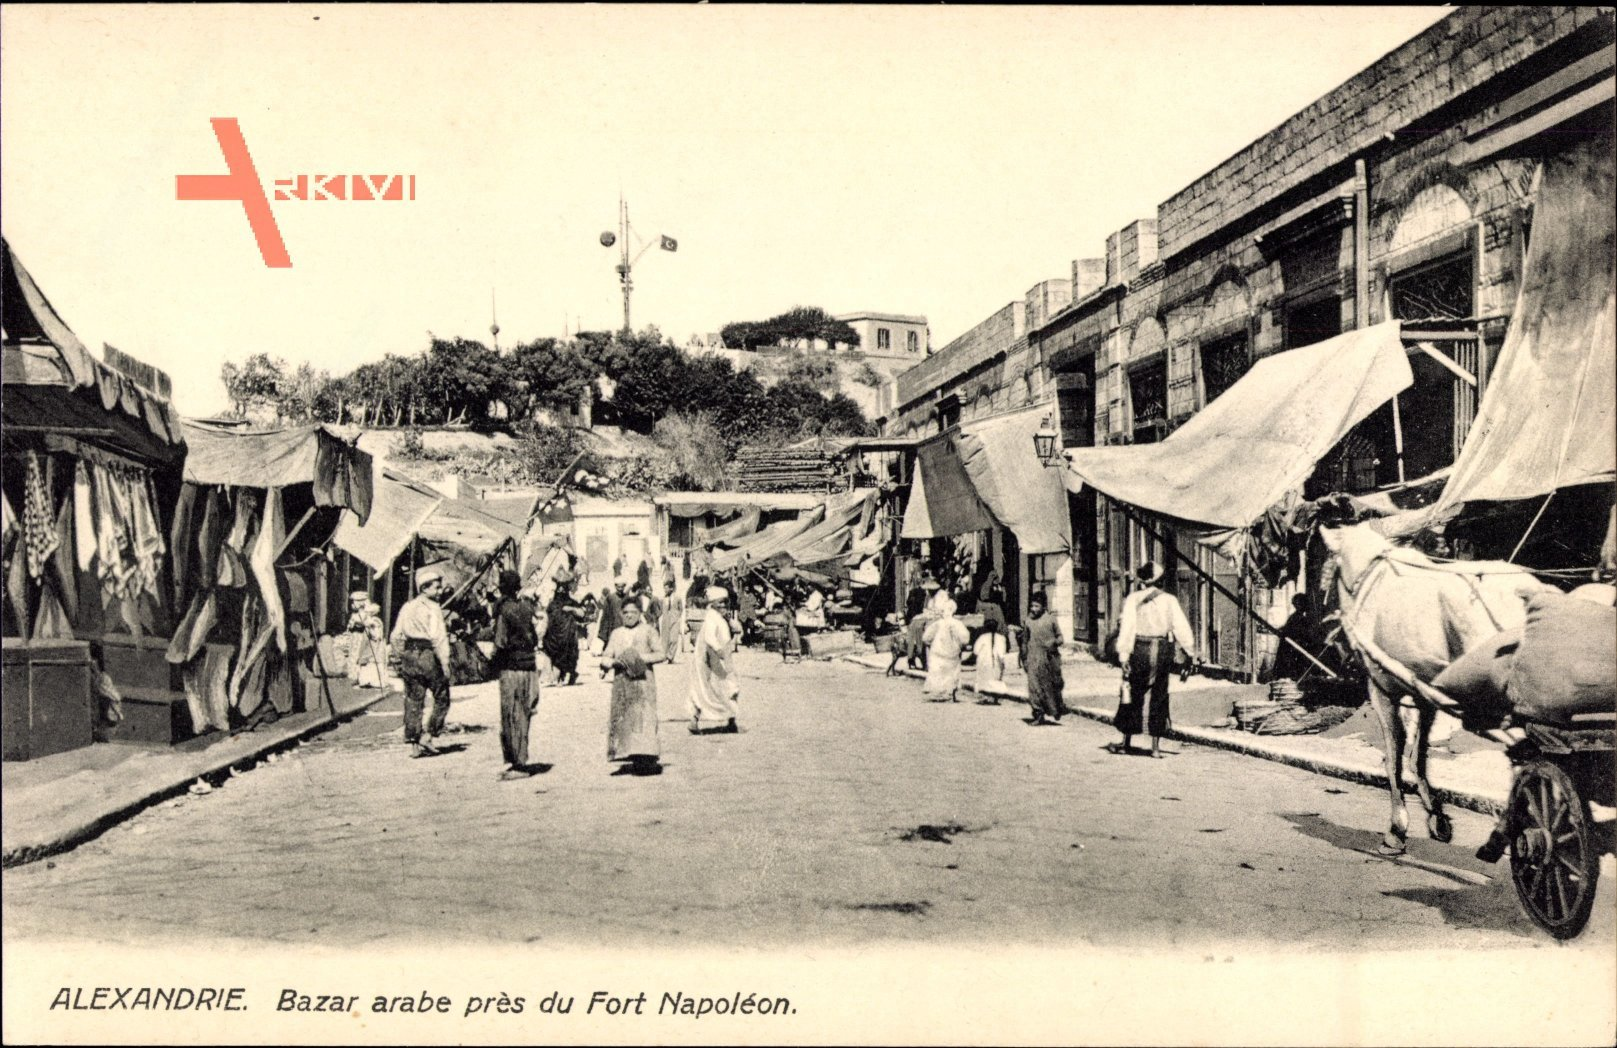 Alexandria Ägypten, Bazar arabe pres du Fort Napoleon, Kutsche, Einheimische